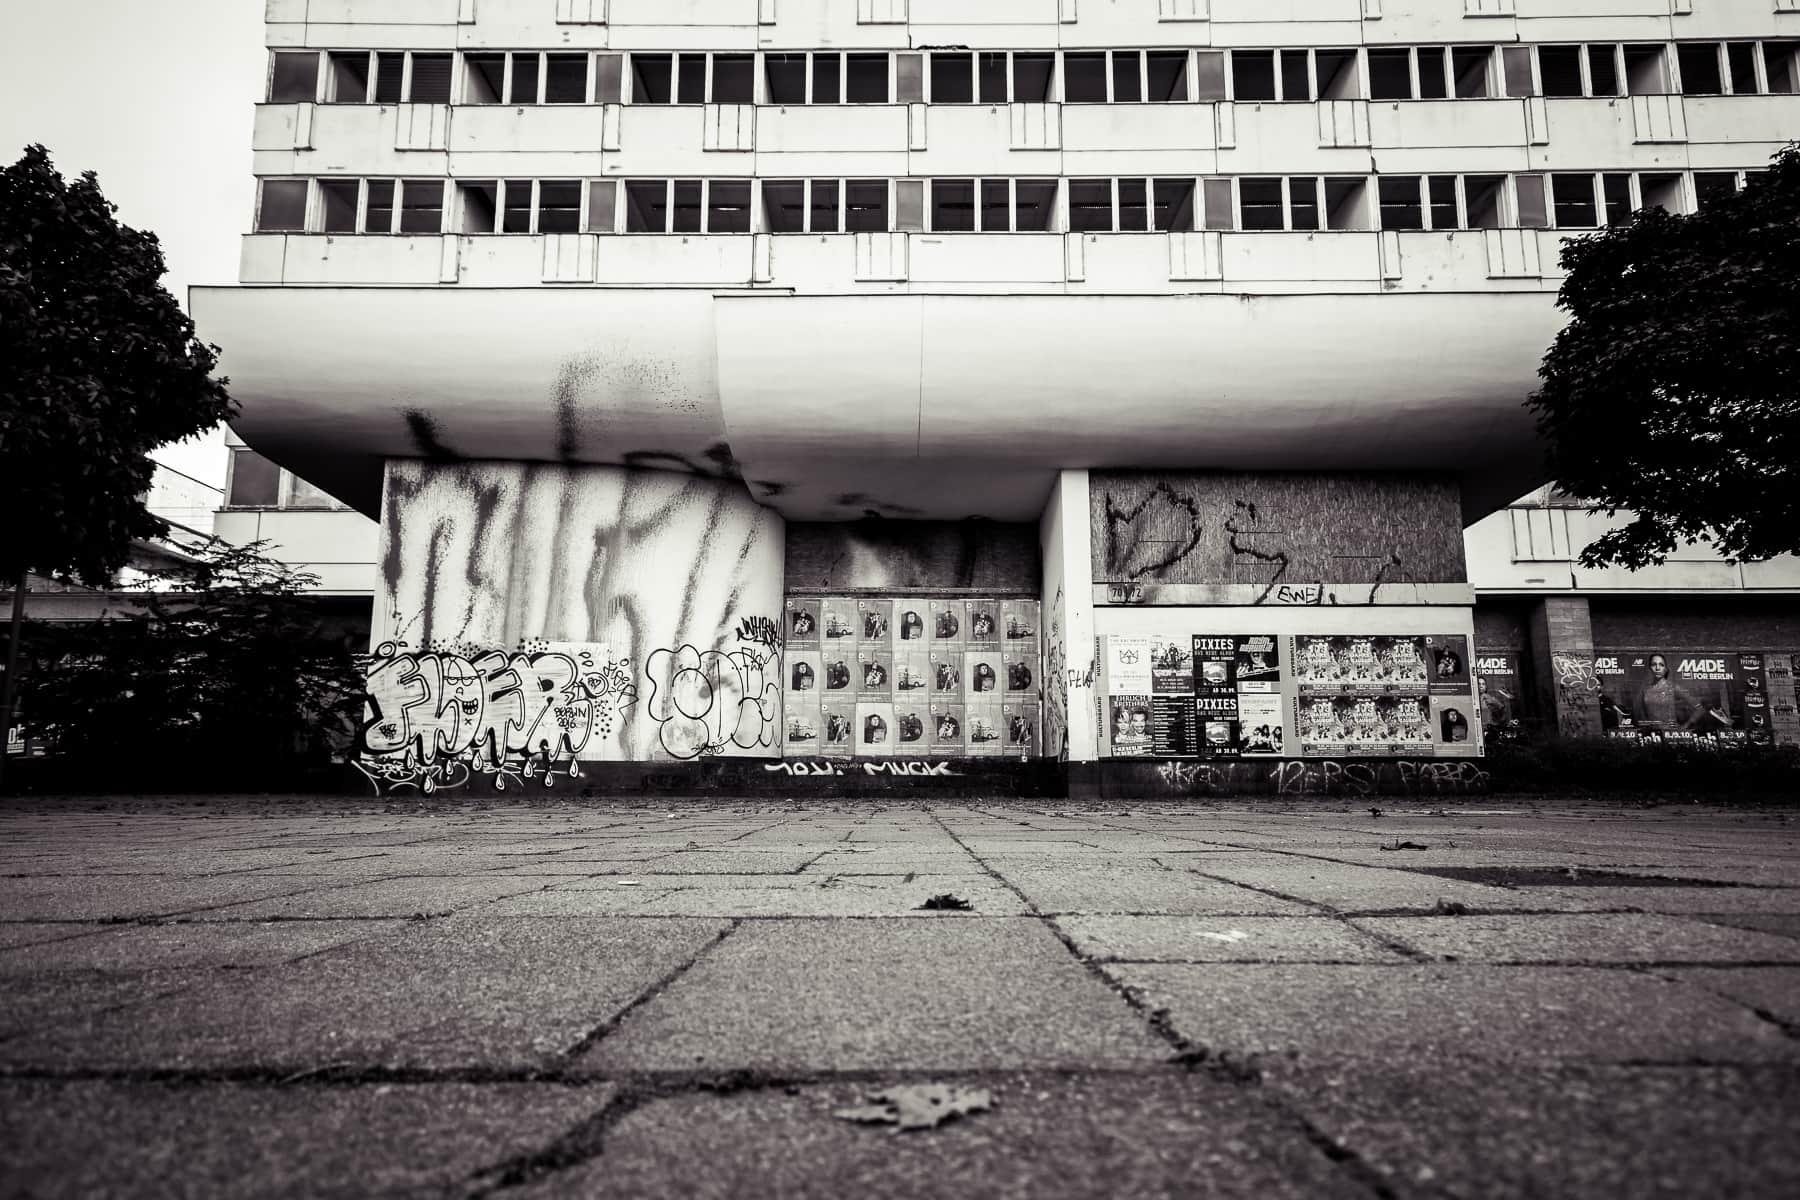 Berlin lost office